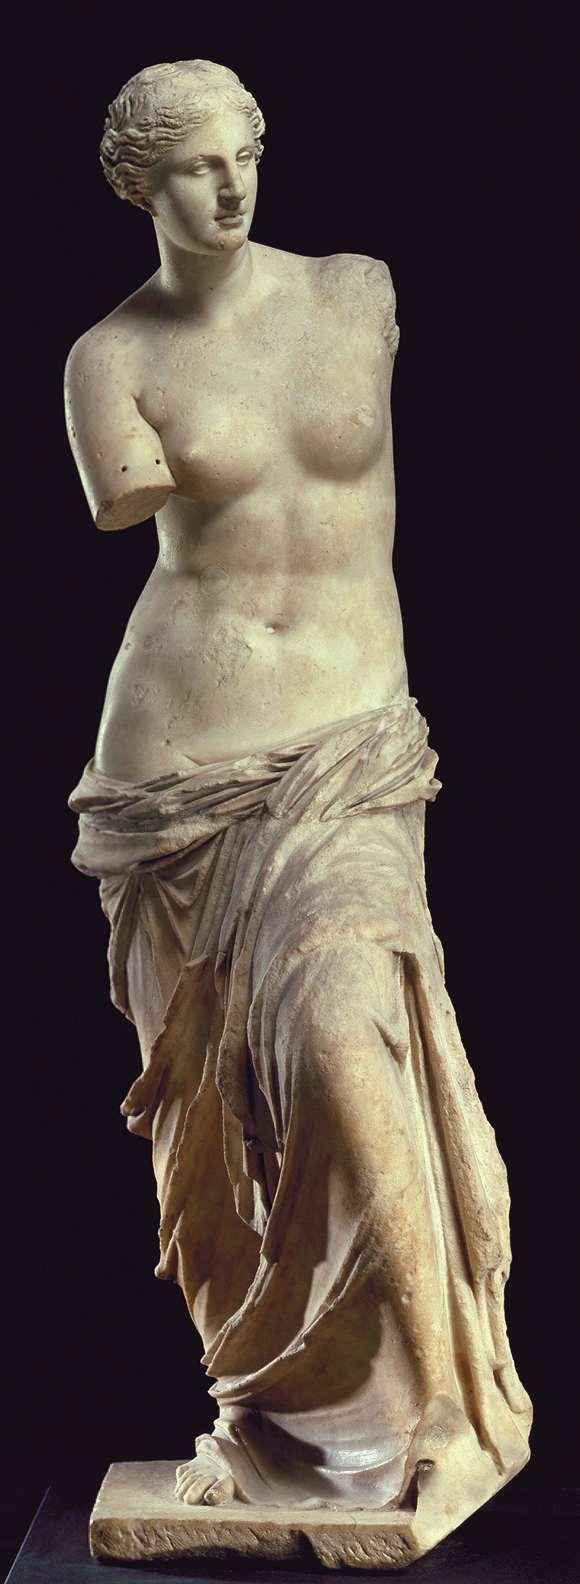 богиня древней греции афрадита: